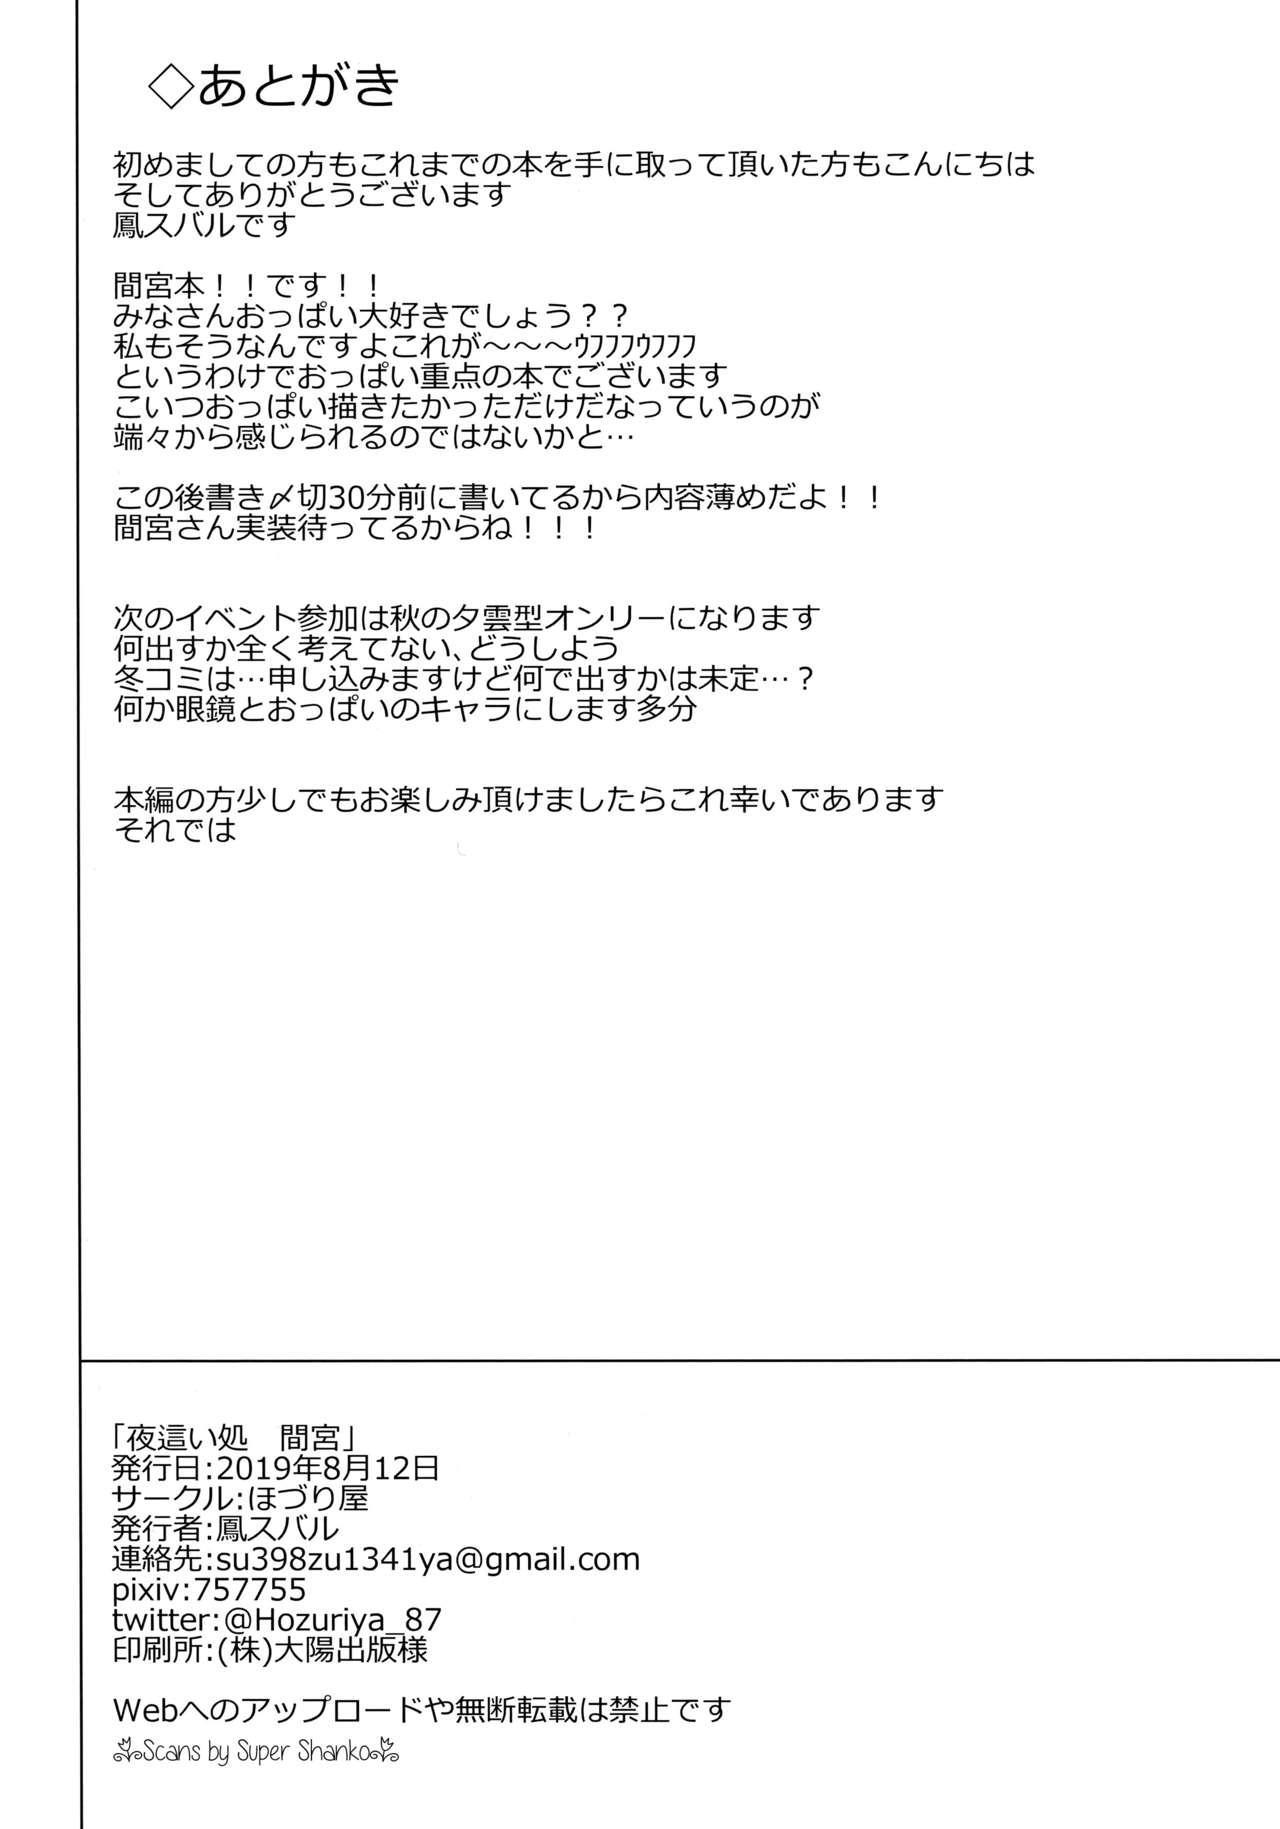 Yobaidokoro Mamiya 16